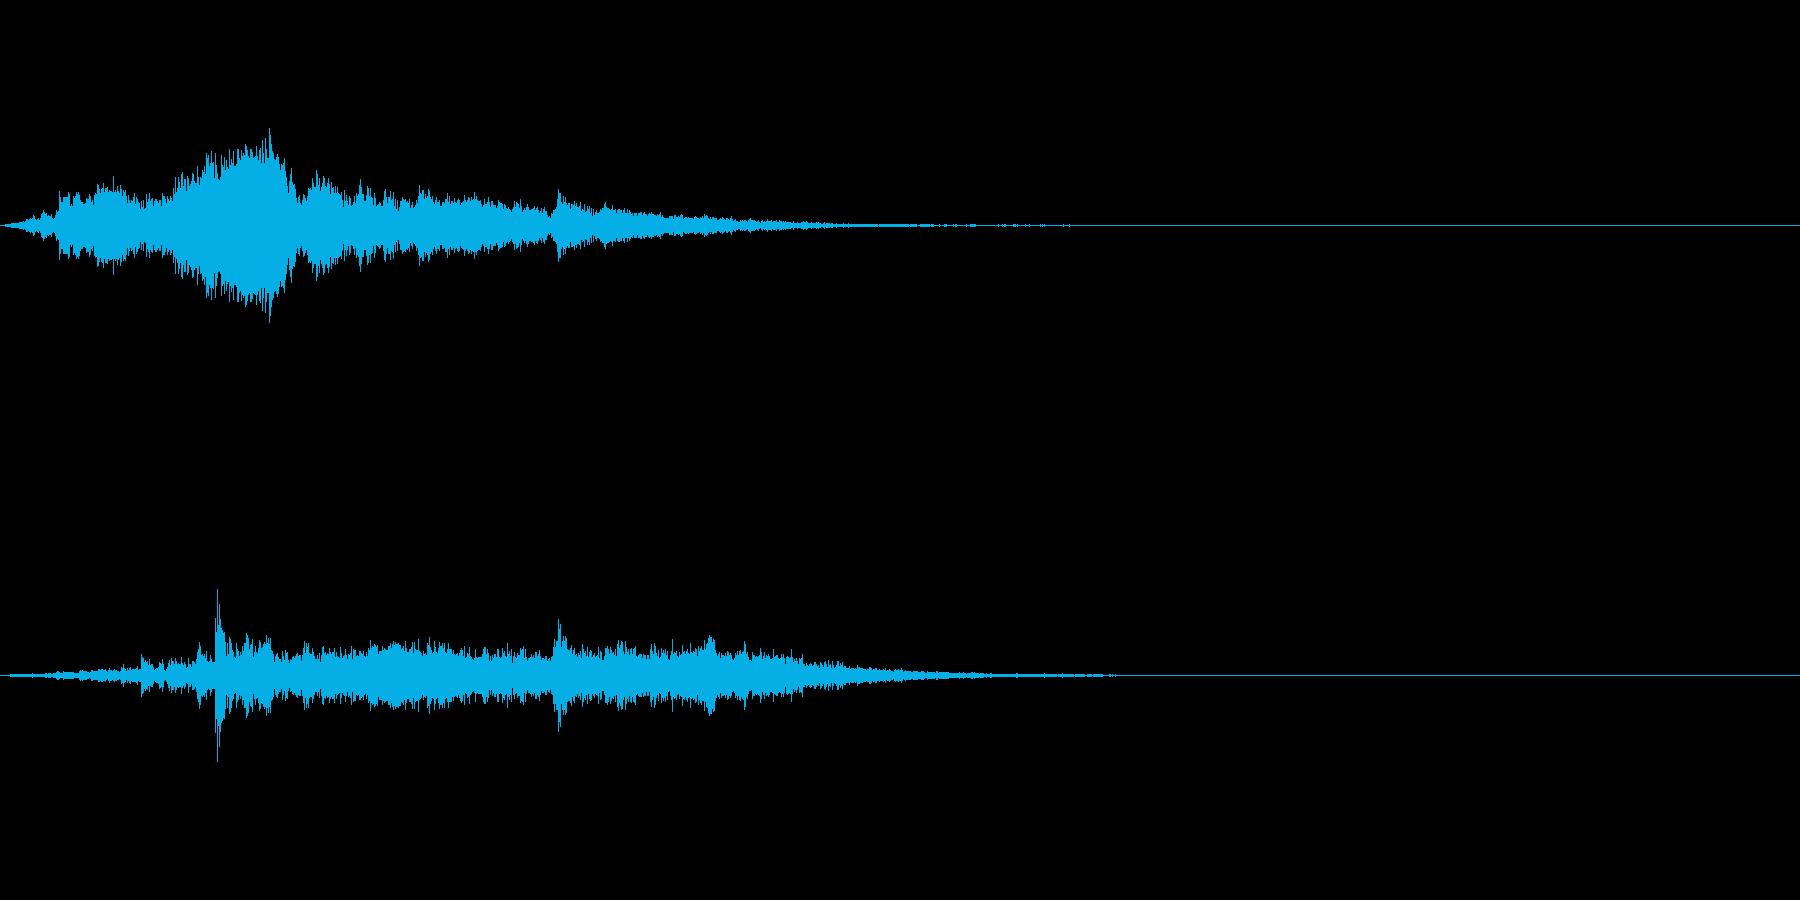 アイキャッチ 35の再生済みの波形